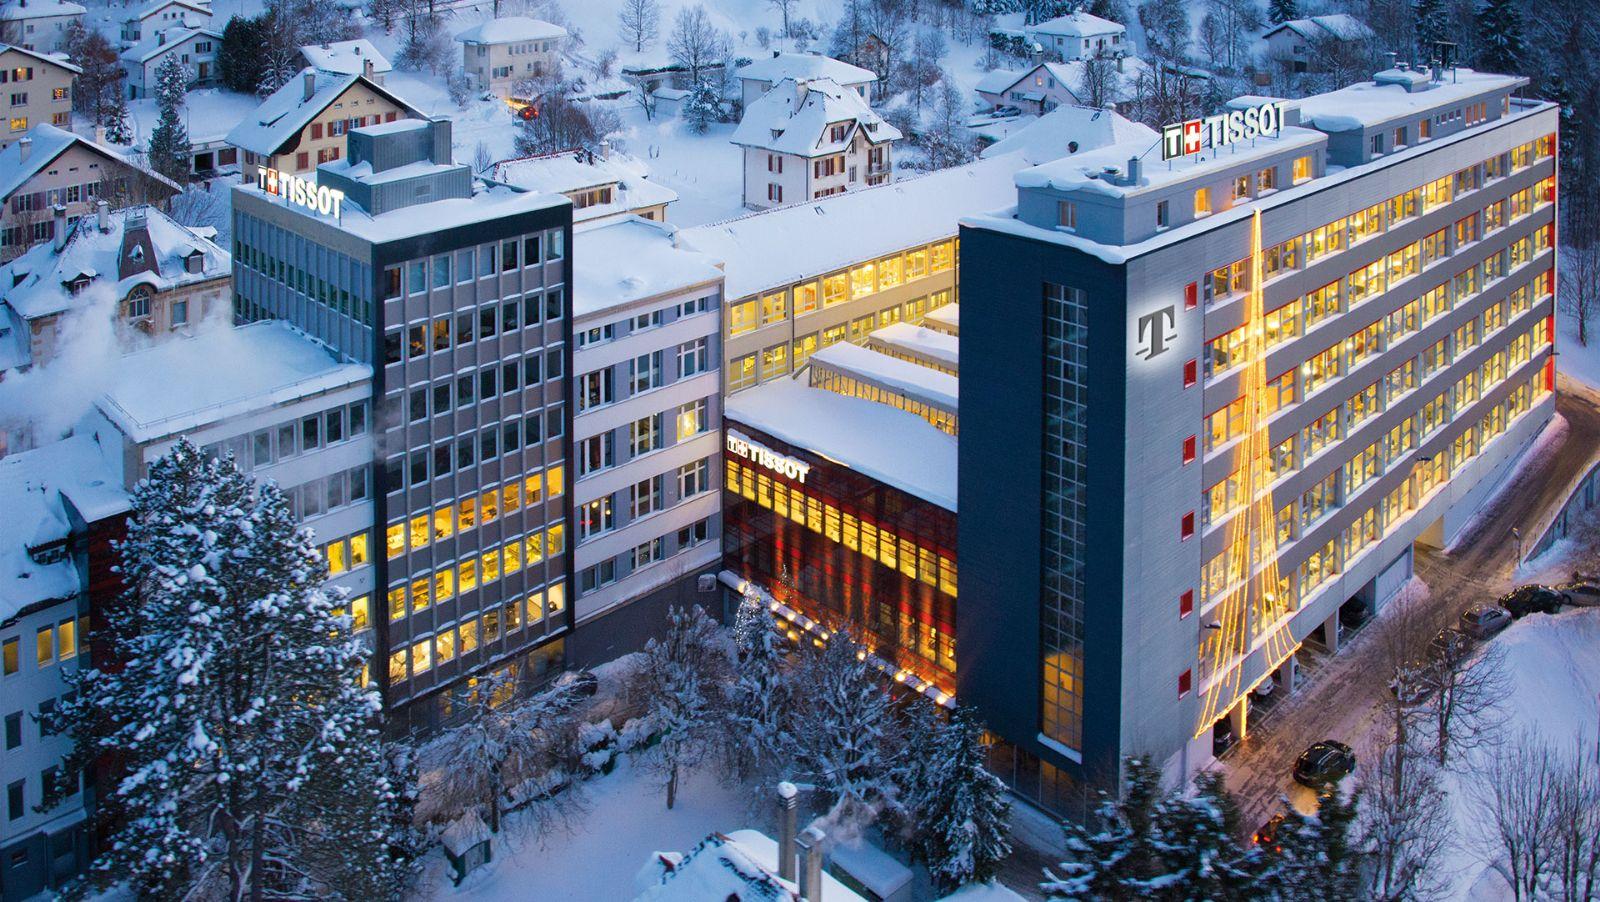 Tìm hiểu về lịch sử thương hiệu đồng hồ Tissot Thụy Sỹ